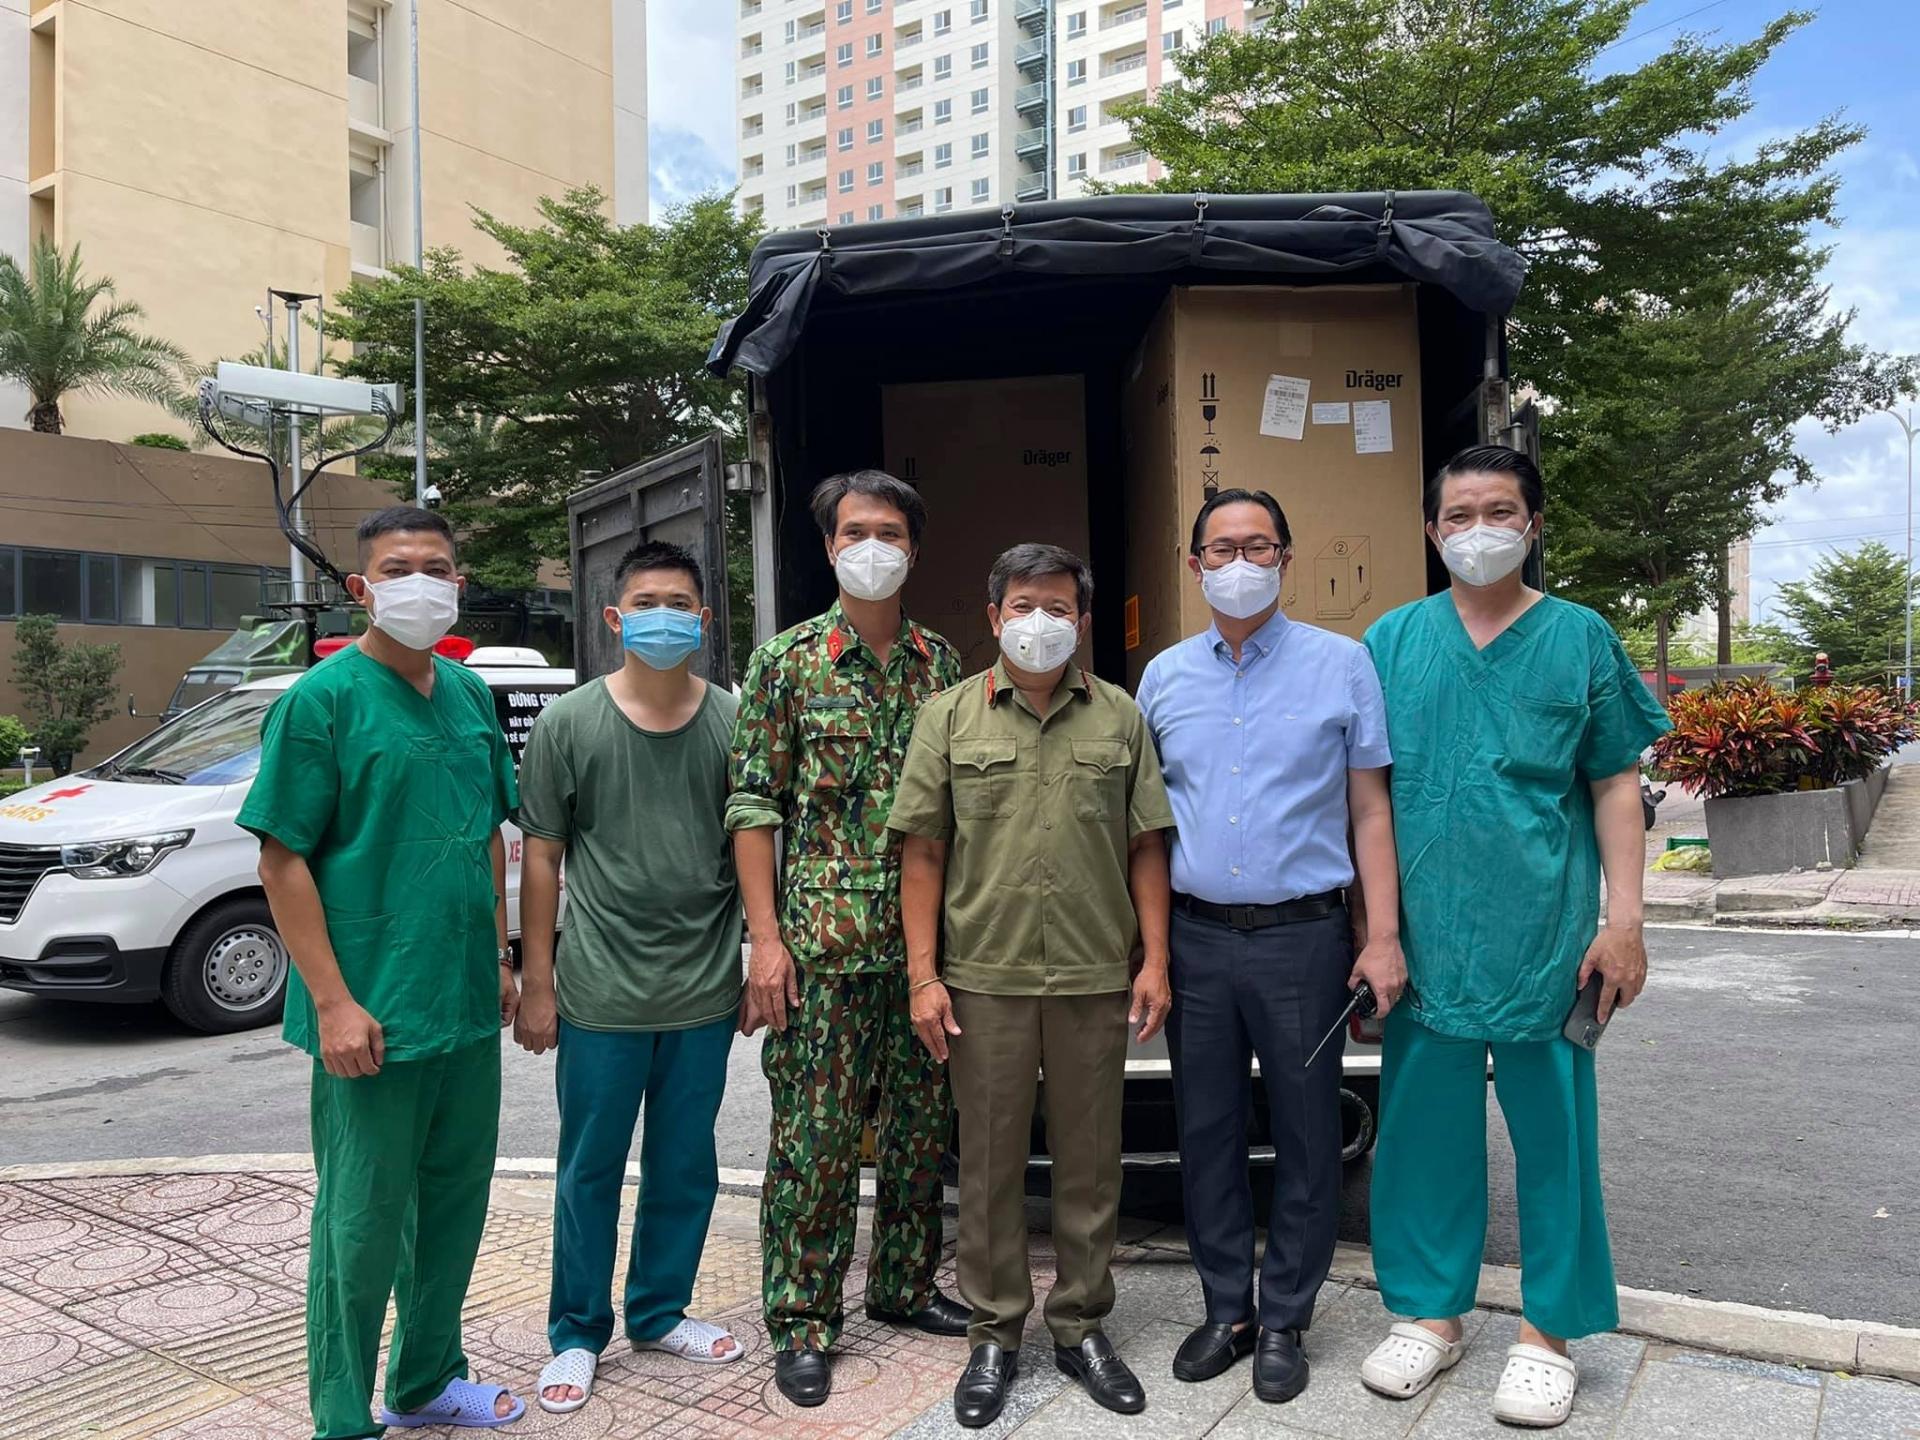 Nhận nóng 3 tỷ đồng, ông Đoàn Ngọc Hải lập tức gửi hỗ trợ đặc biệt cho Sài Gòn 3